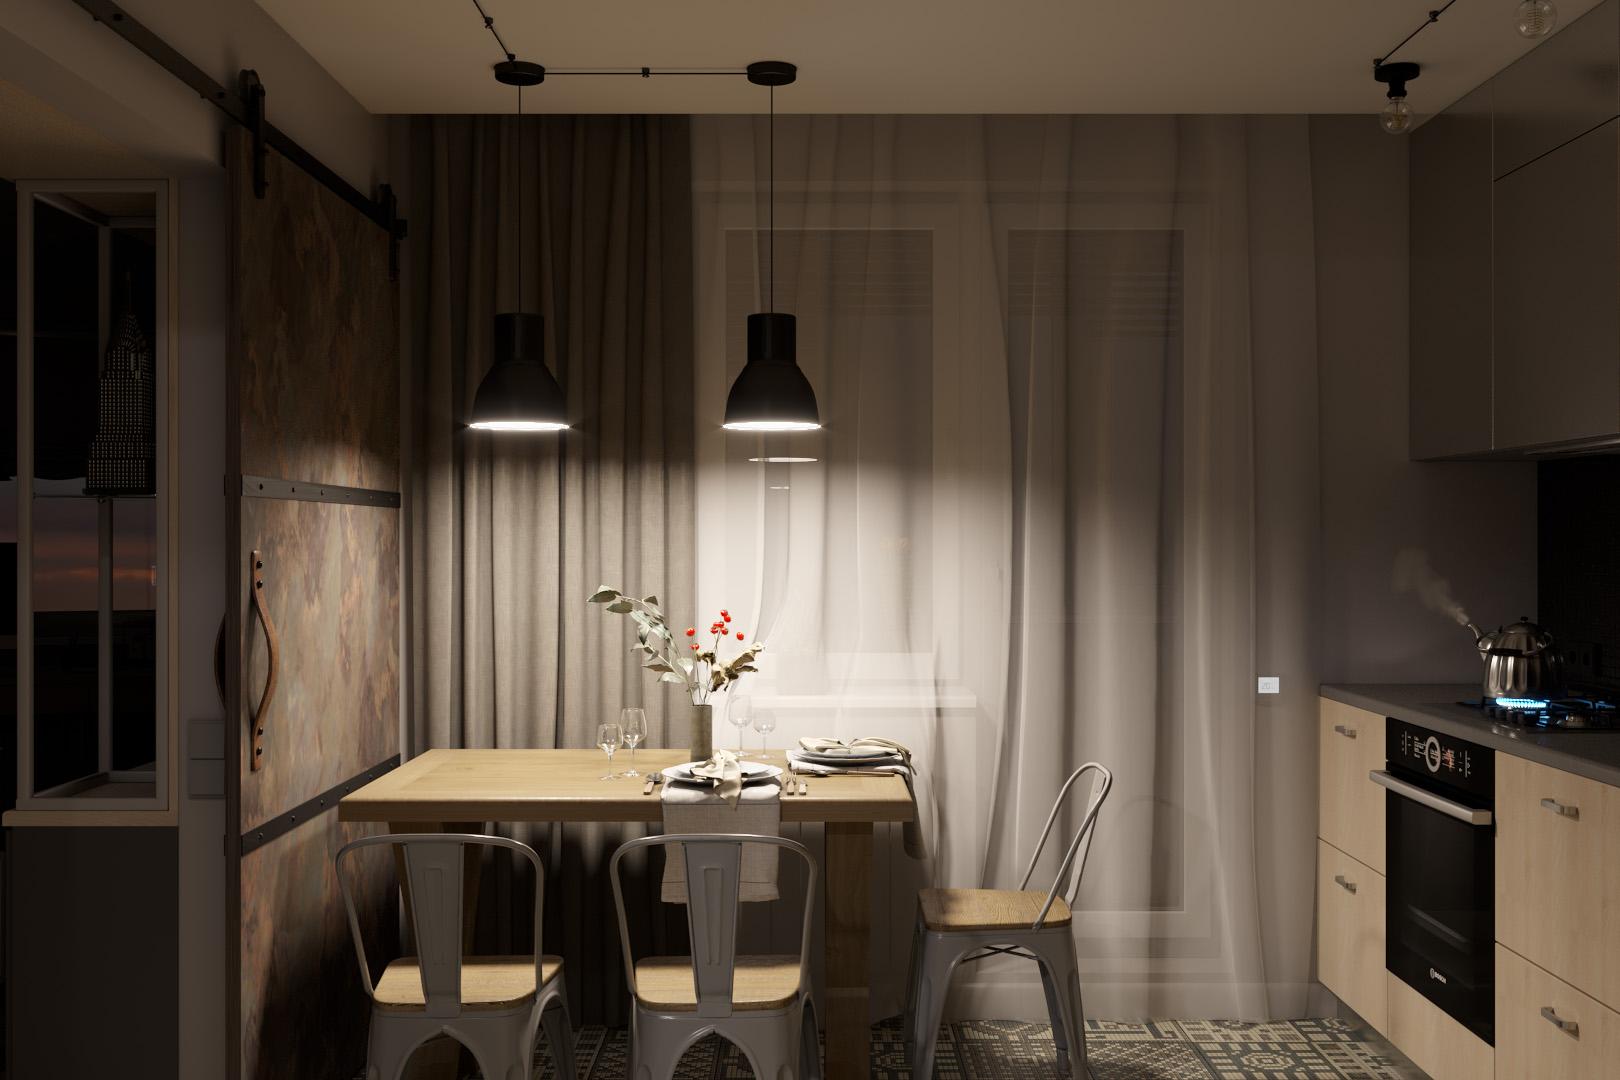 Обеденный стол кухни, приглушенный свет